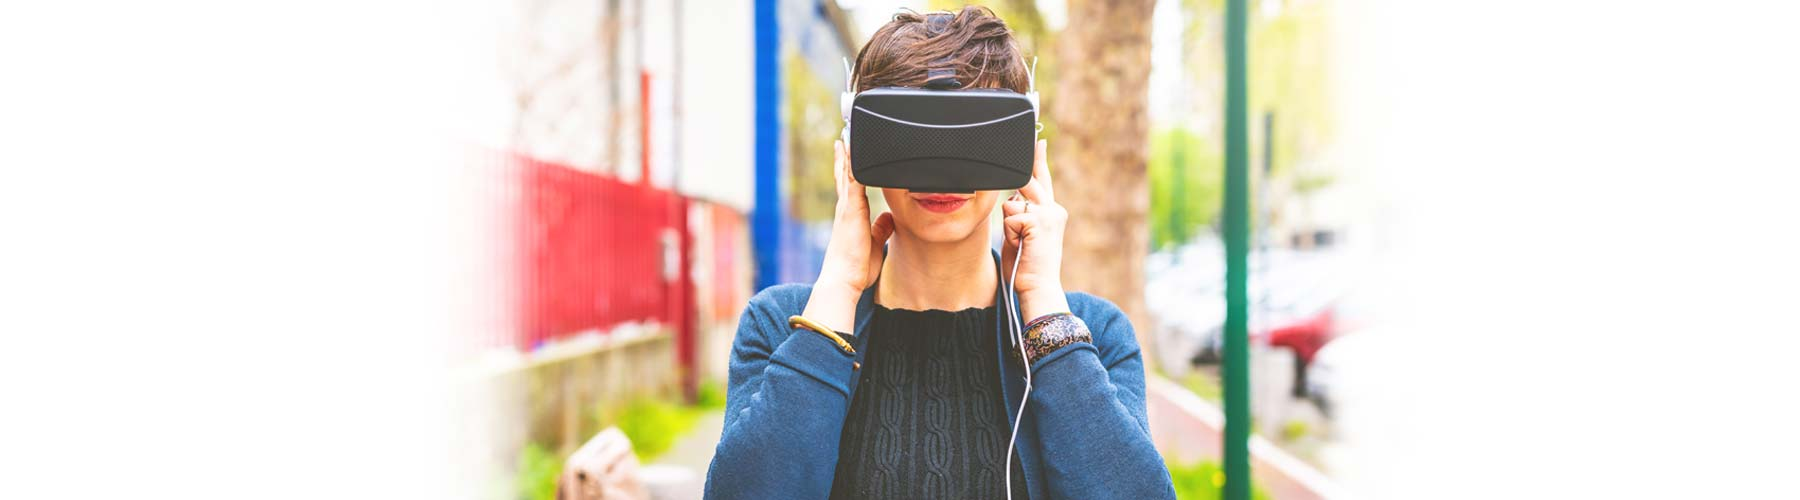 Wearables y el Internet de las cosas en salud